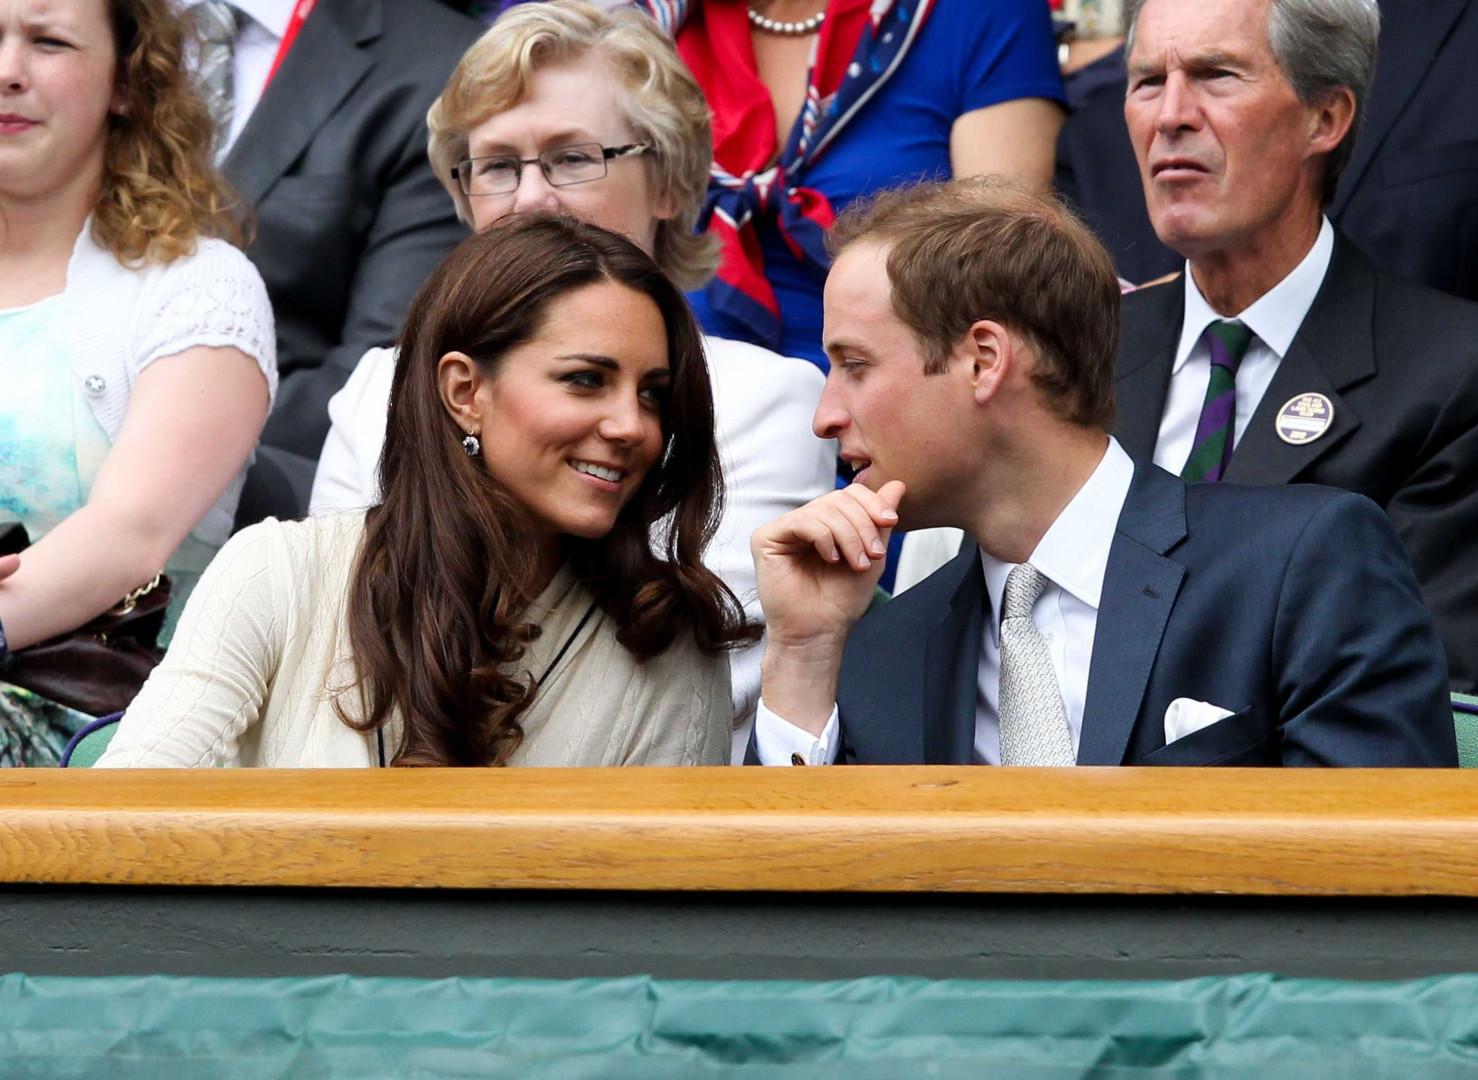 La complicité s'affiche sur les cours de Wimbledon le 4 juillet 2012